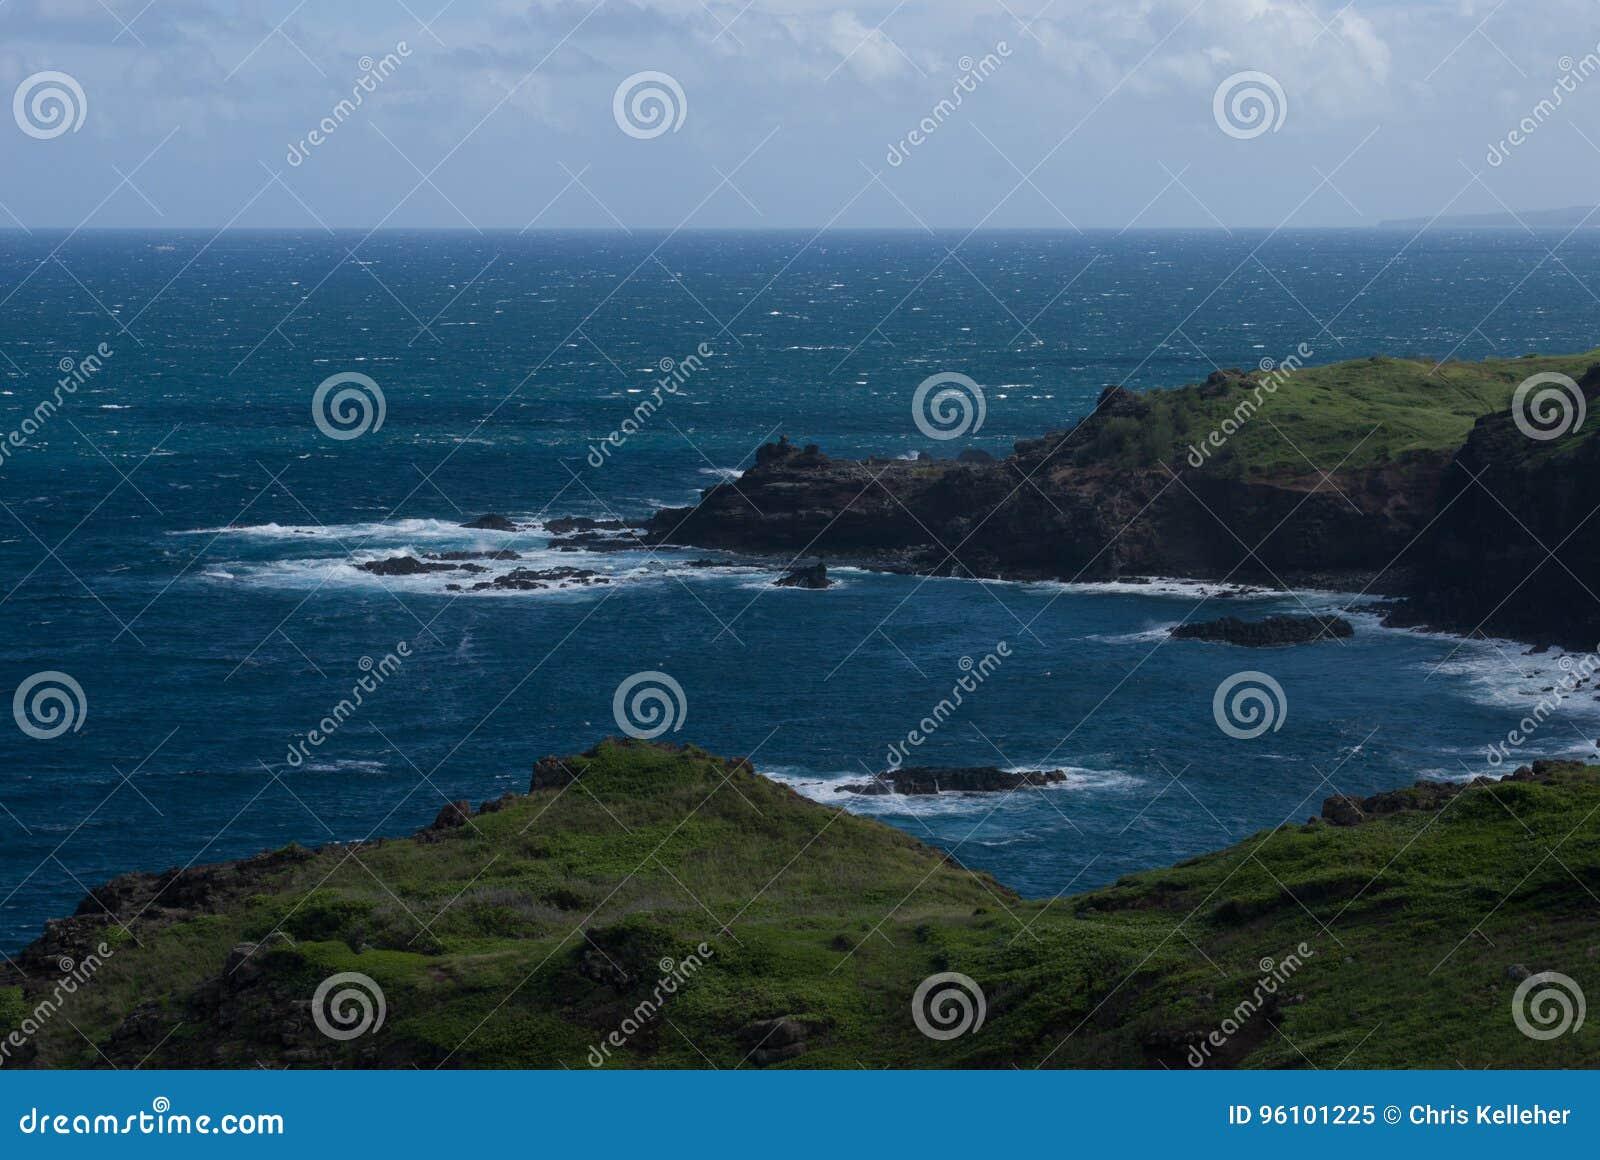 Vistas bonitas da costa norte de Maui, tomadas da estrada de enrolamento famosa a Hana Maui, Havaí